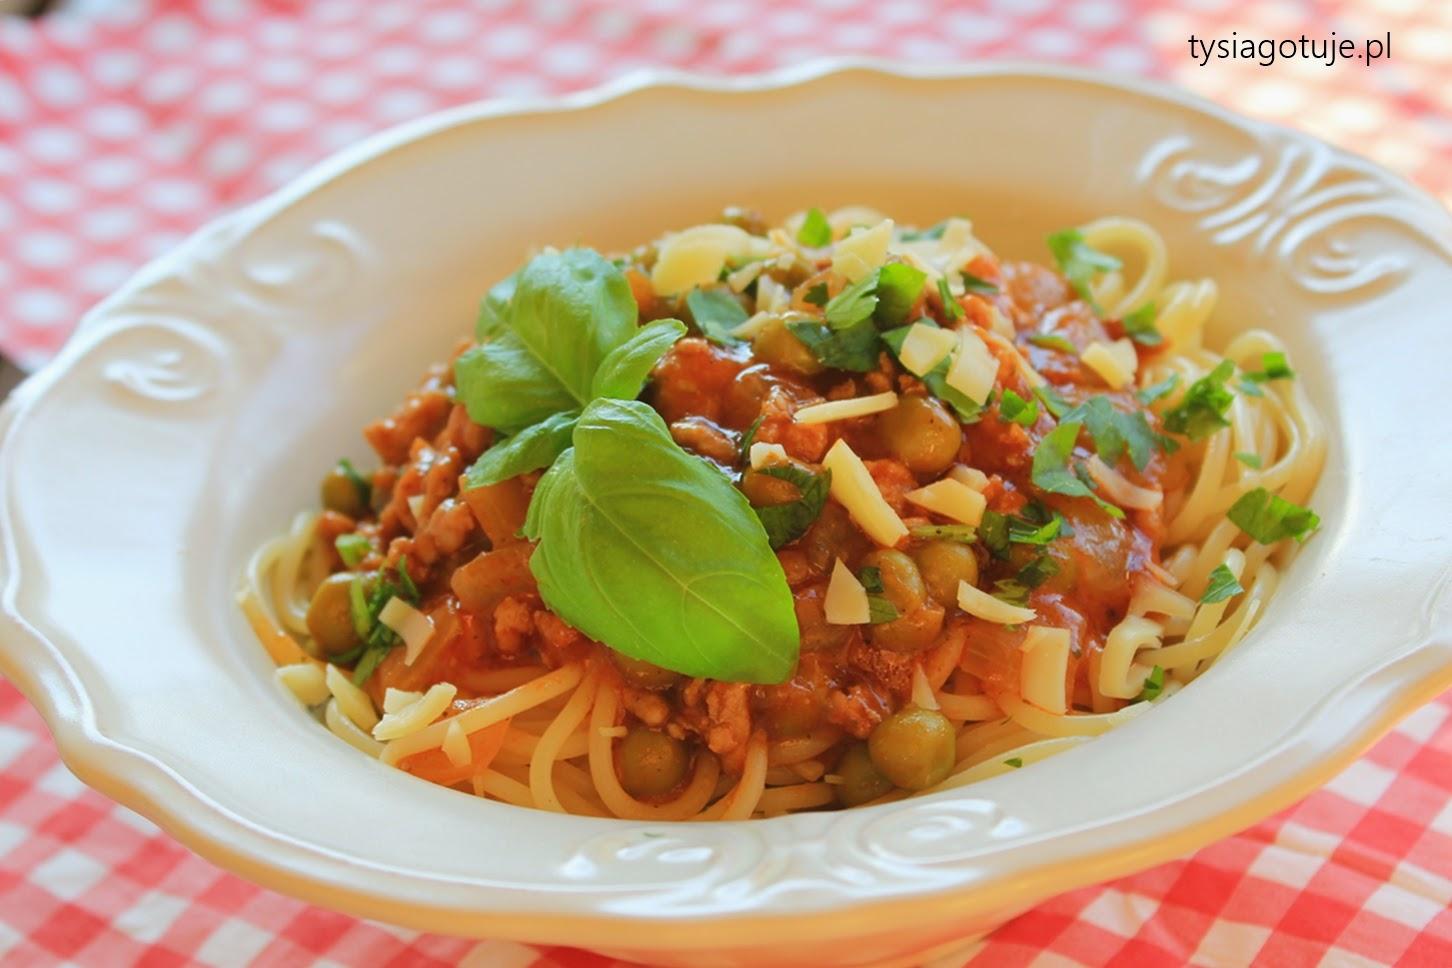 http://www.tysiagotuje.pl/2014/10/spaghetti-z-groszkiem-miesem-mielonym-i.html